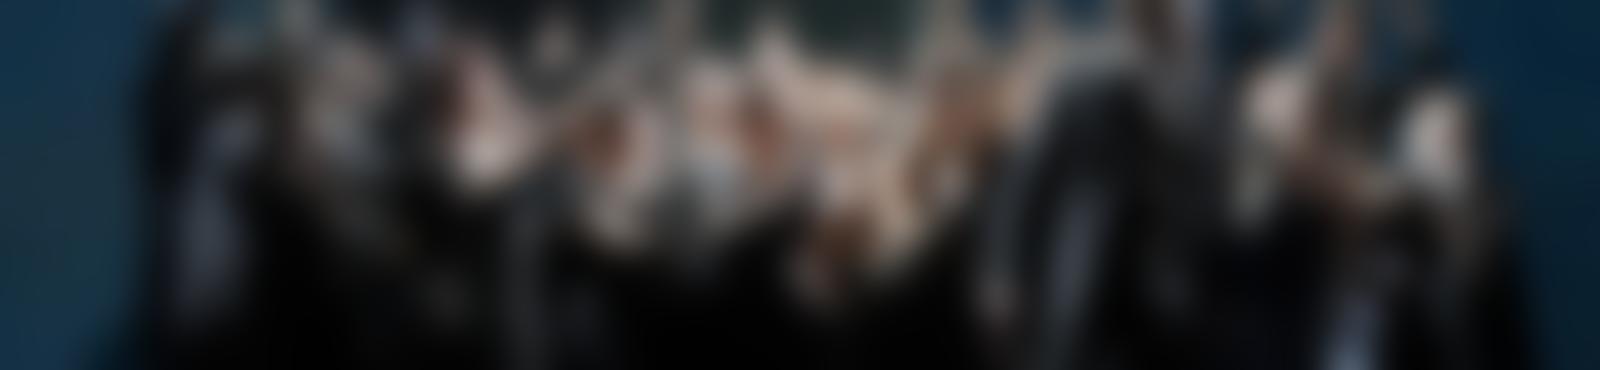 Blurred 18d28e74 0342 4206 8bcb bd9189d46c62